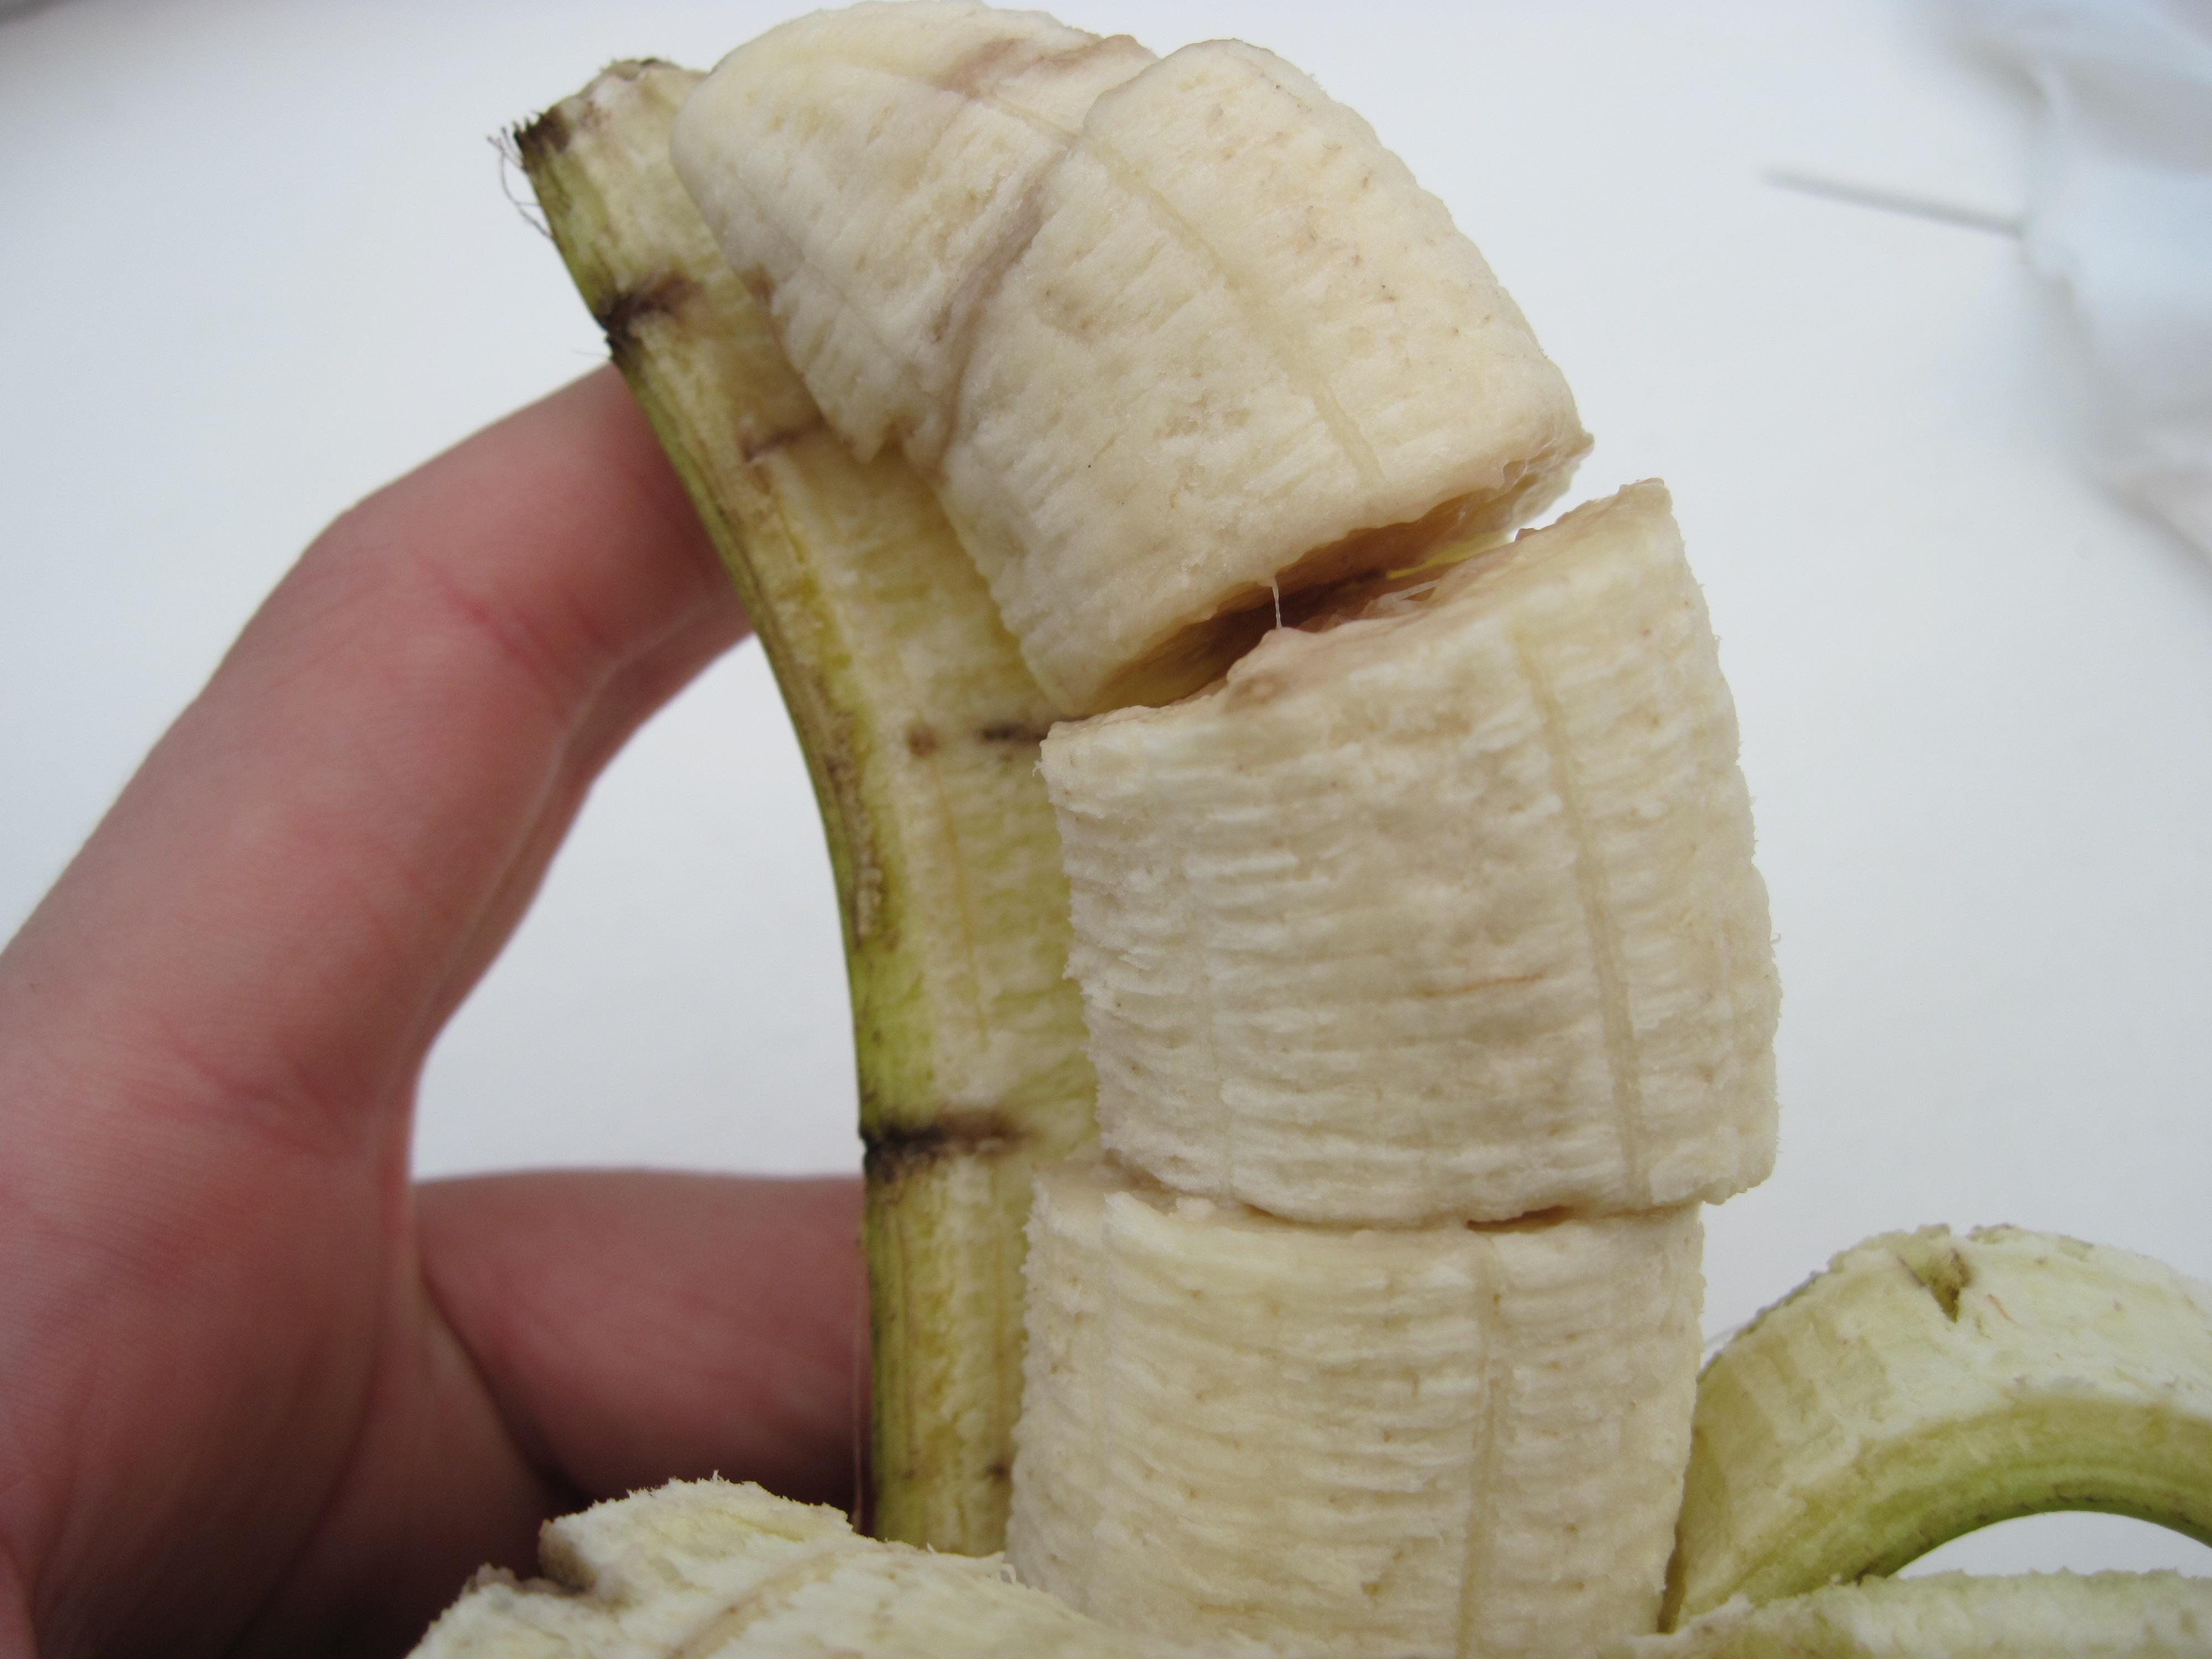 Picture of Pre-sliced Banana Prank!